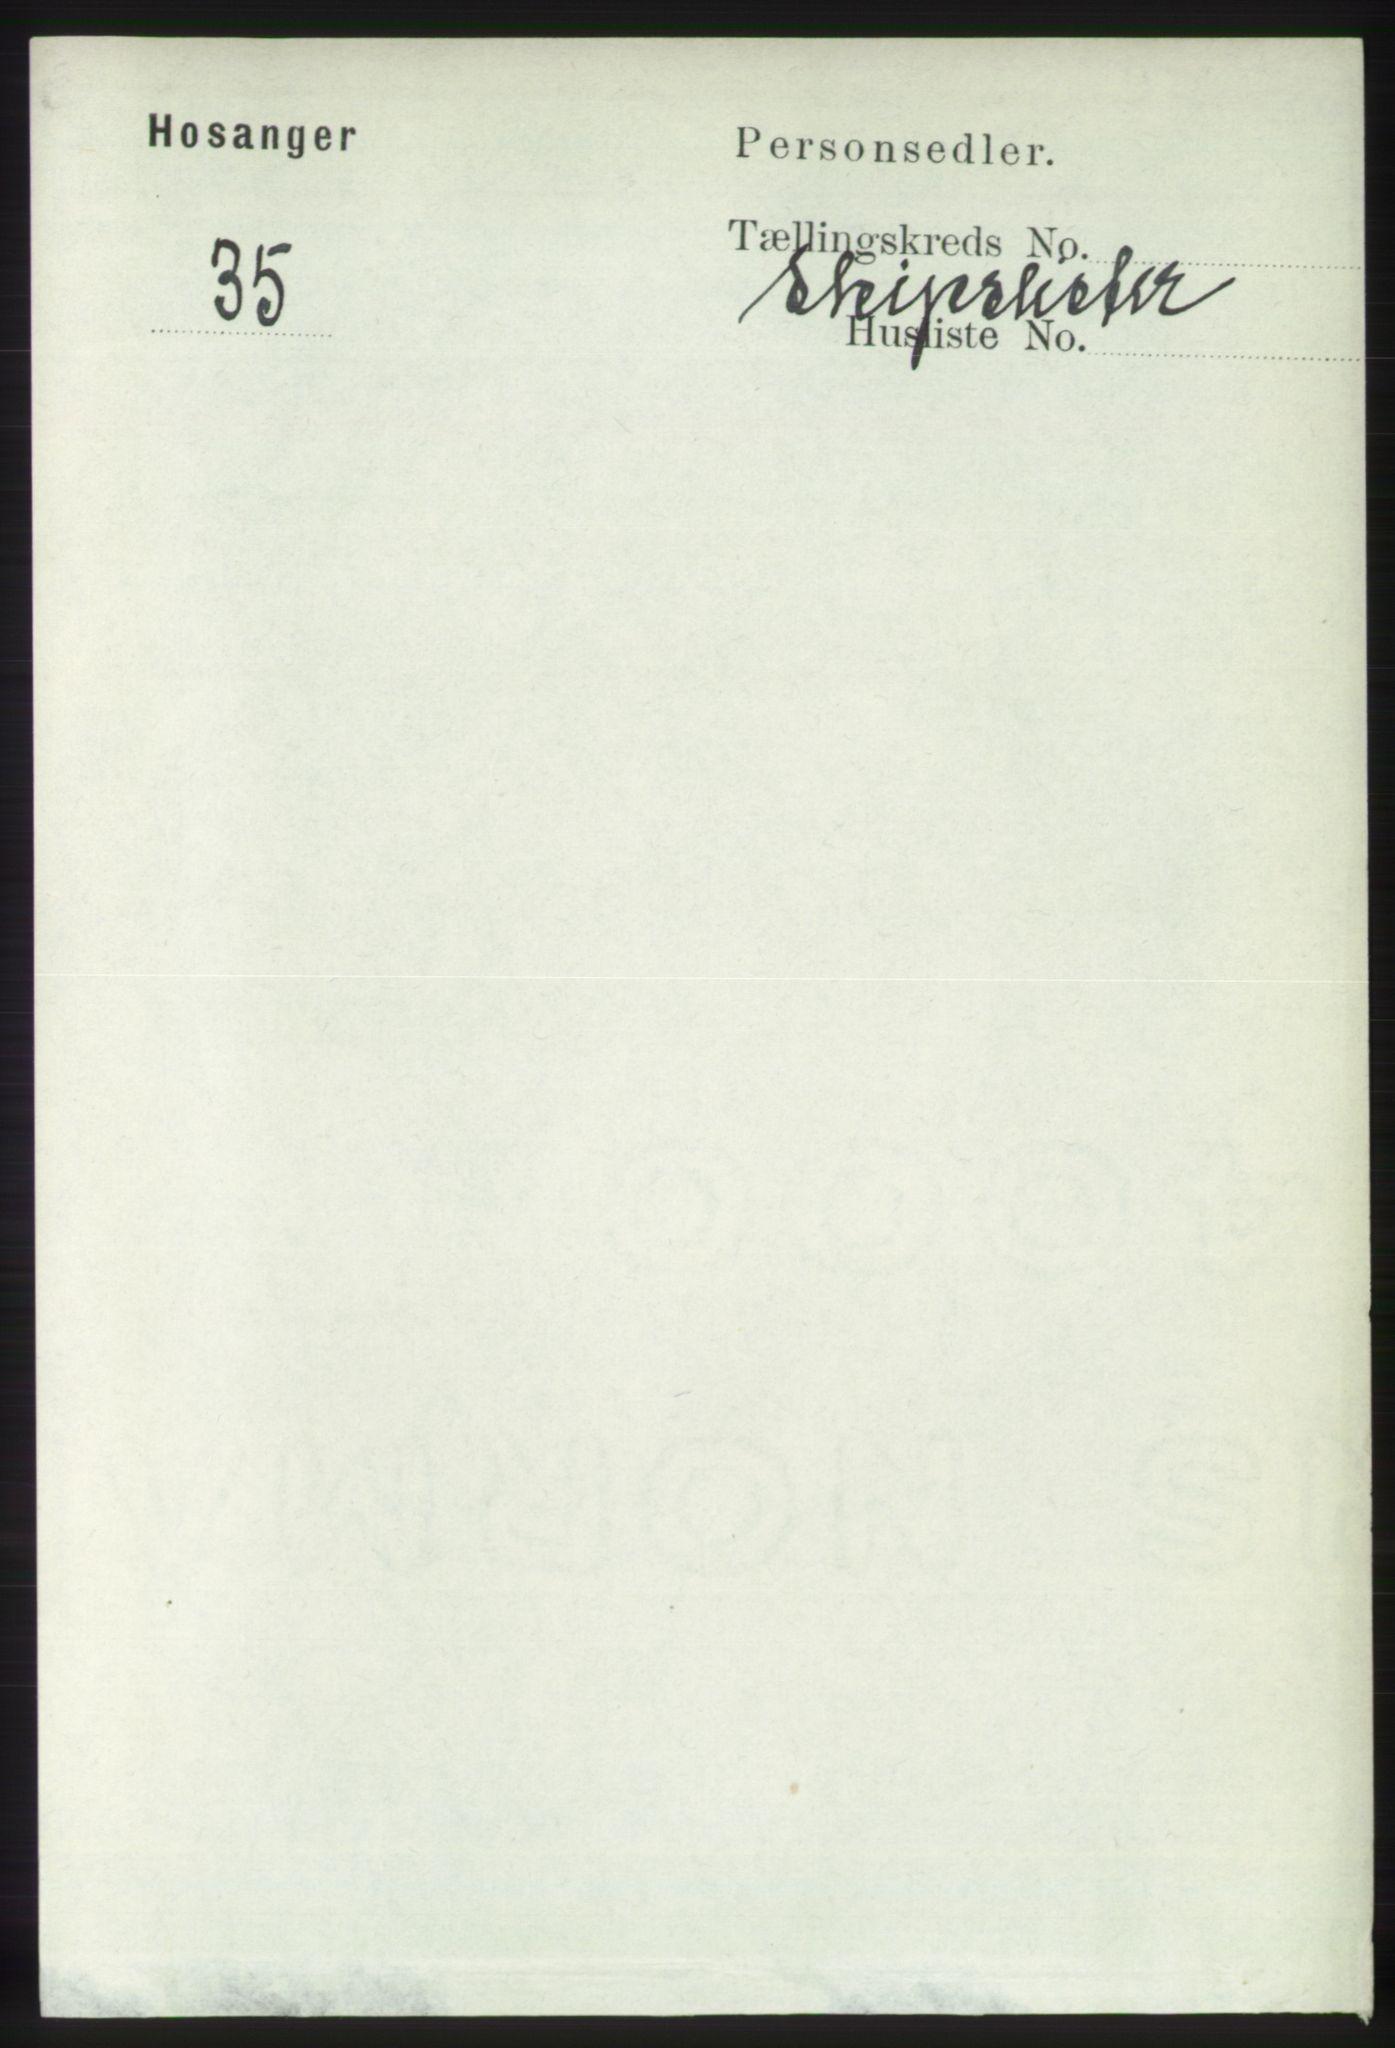 RA, Folketelling 1891 for 1253 Hosanger herred, 1891, s. 4274